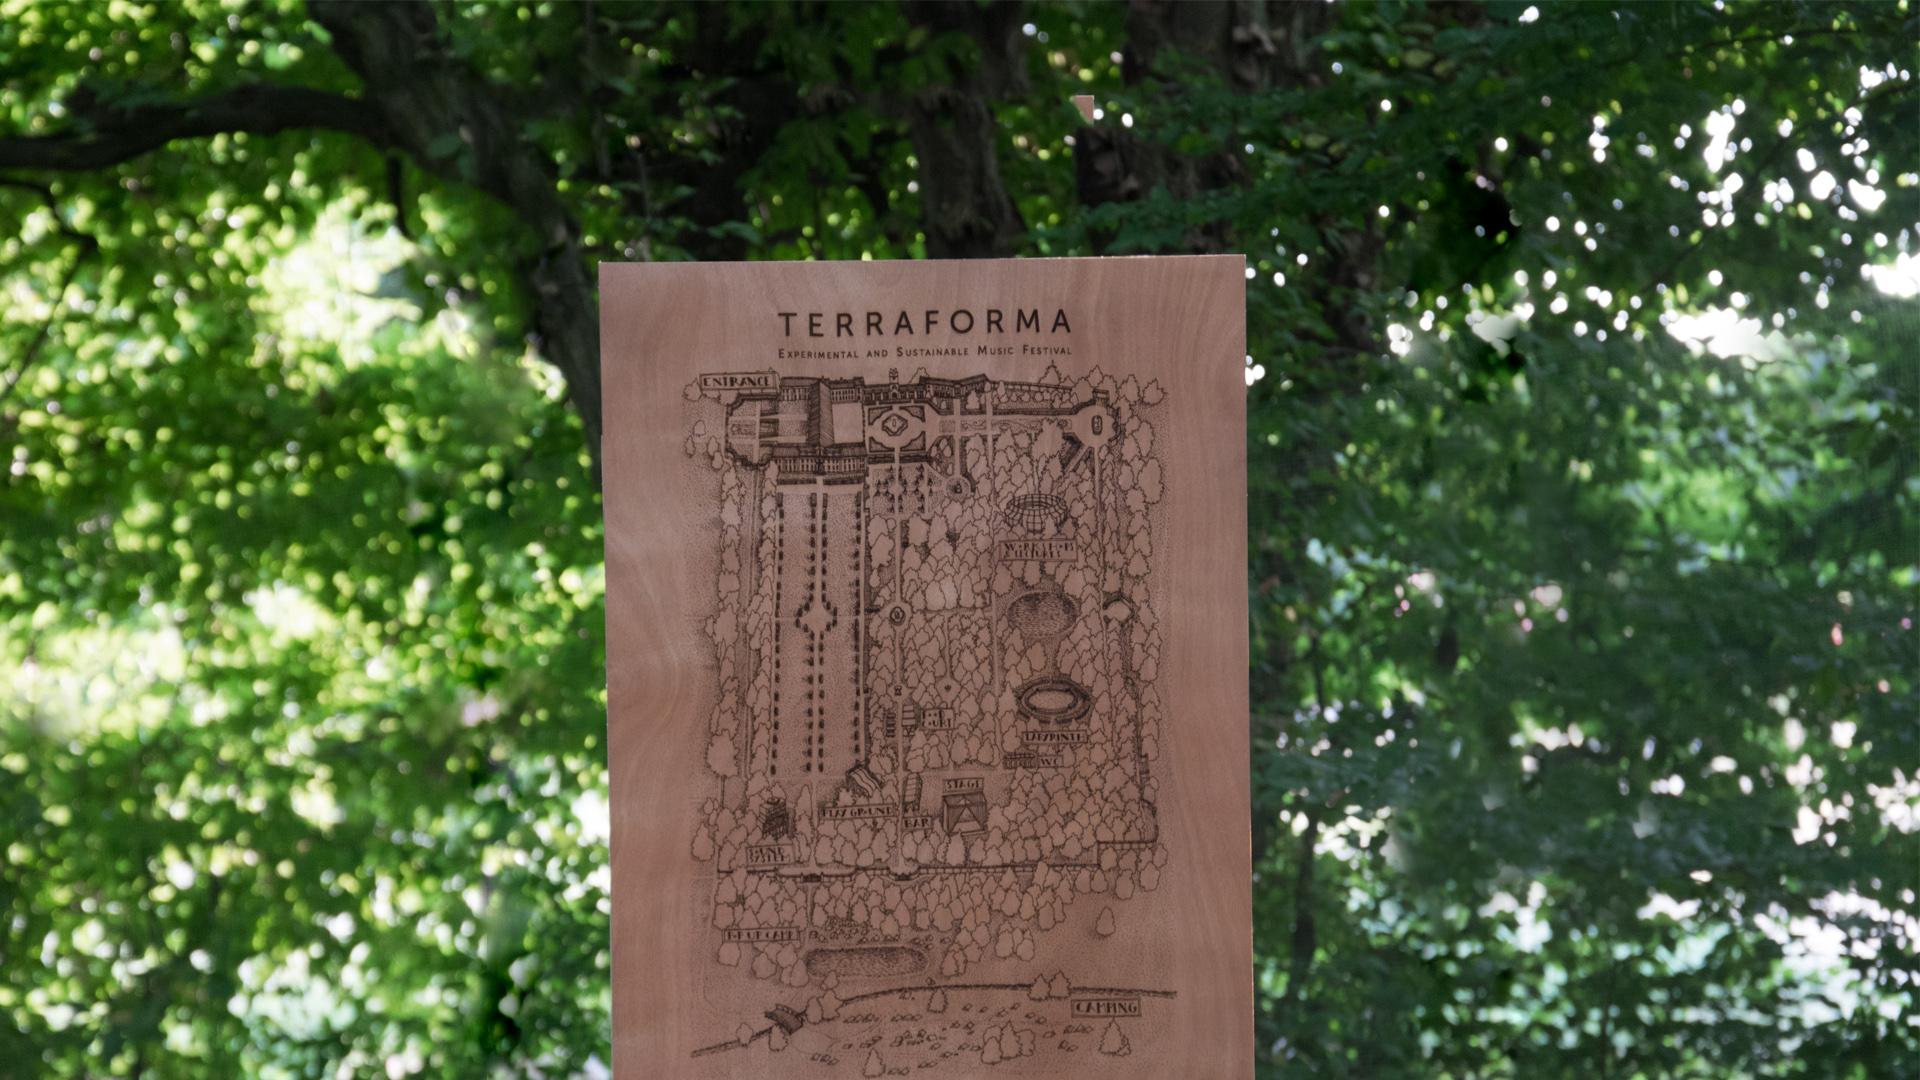 Terraforma Festival - pannello inciso al laser